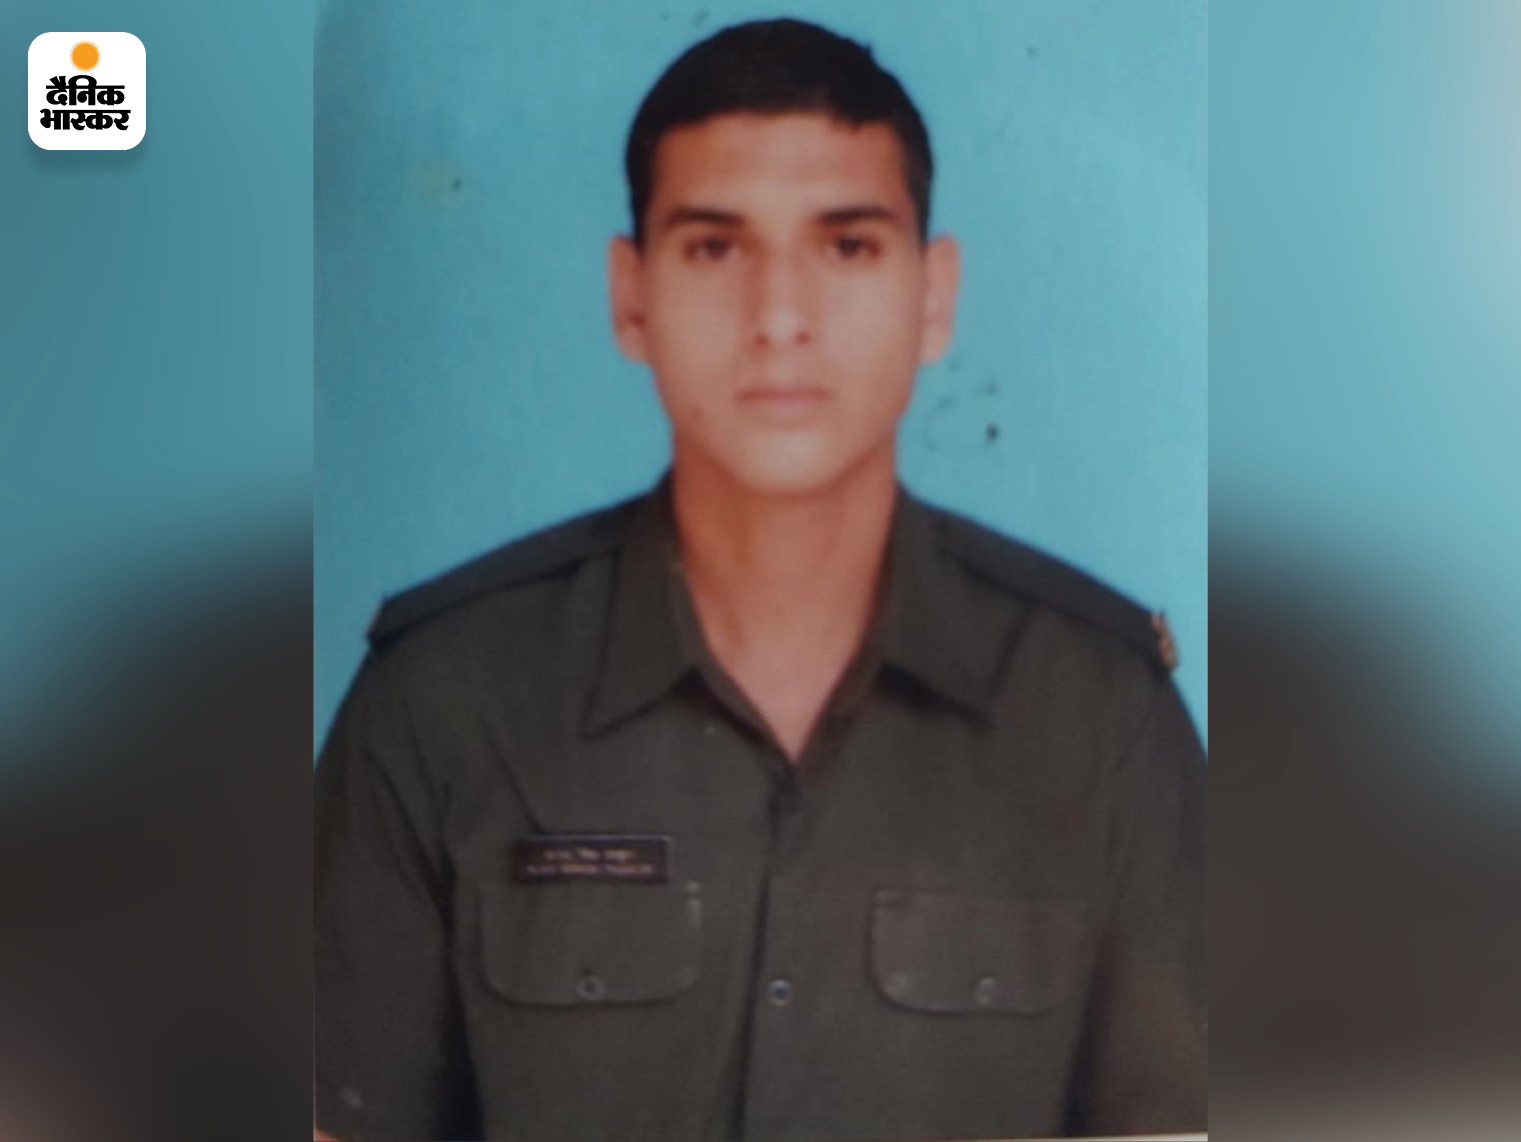 बांदीपोरा में सुरक्षाबलों ने दो आतंकियों को मार गिराया; कृष्णा घाटी सेक्टर में सेना का एक जवान शहीद देश,National - Dainik Bhaskar